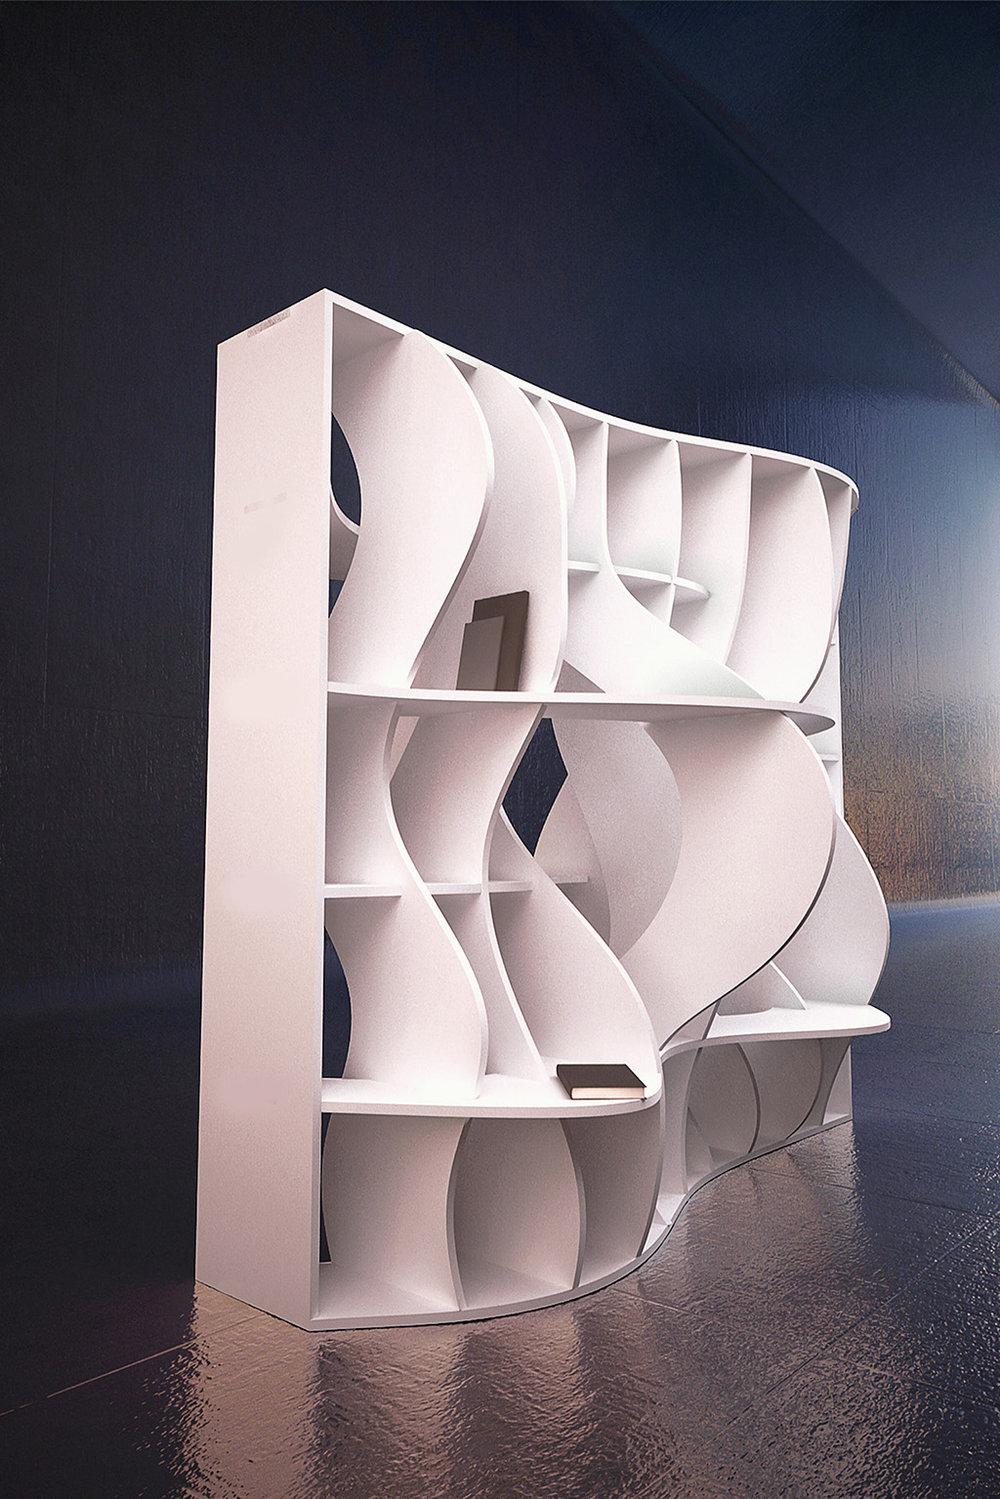 Bookshelves_version 2_shot 3-s.jpg